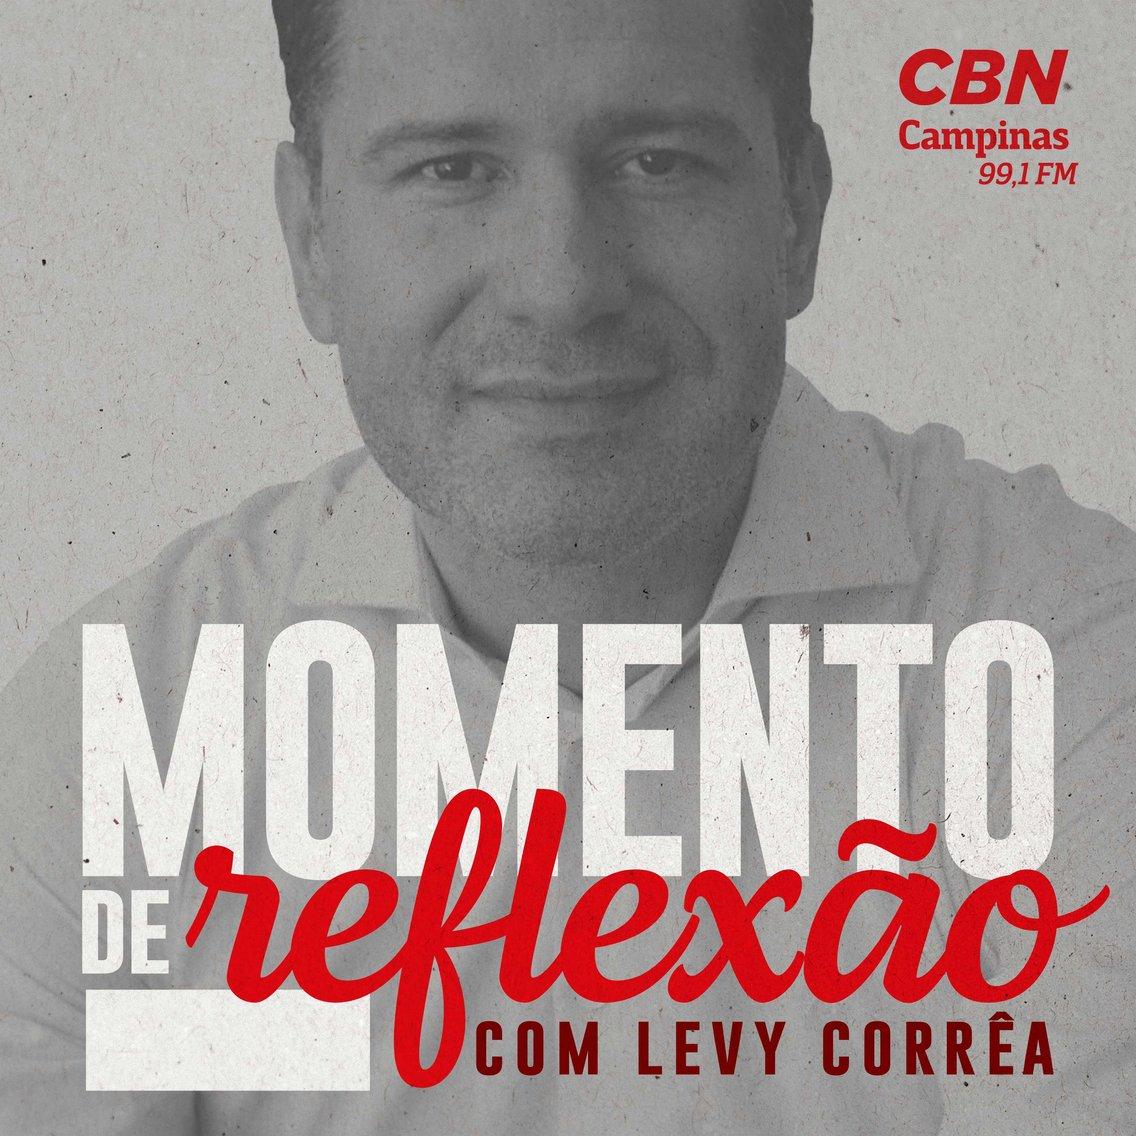 Momento de reflexão - com Levy Corrêa - Cover Image